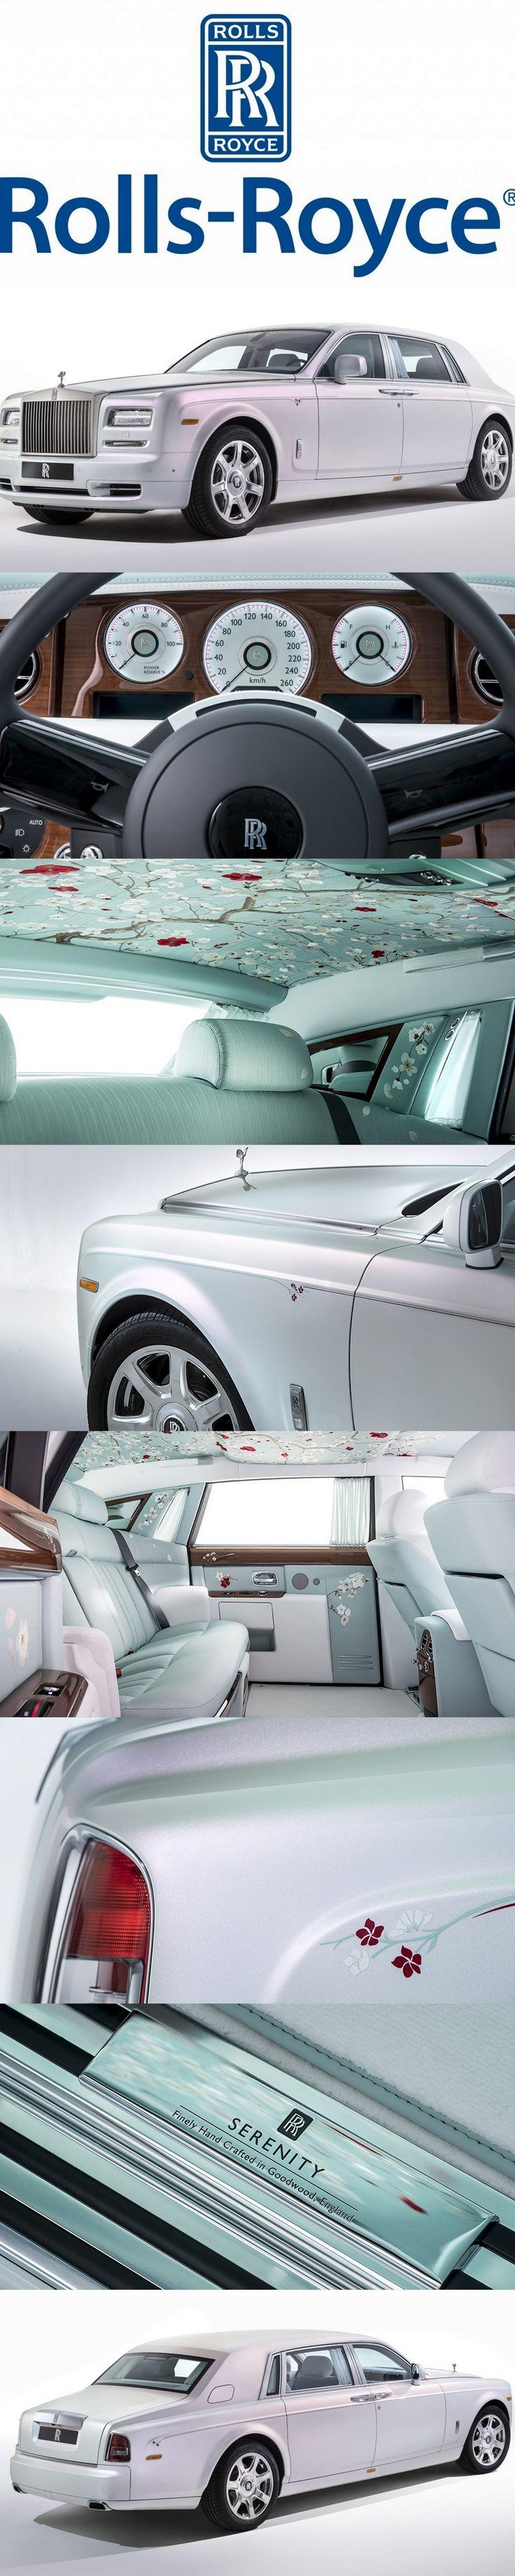 Rolls Royce Phantom Serenity a beautiful car. Dare I say it?.....pretty!